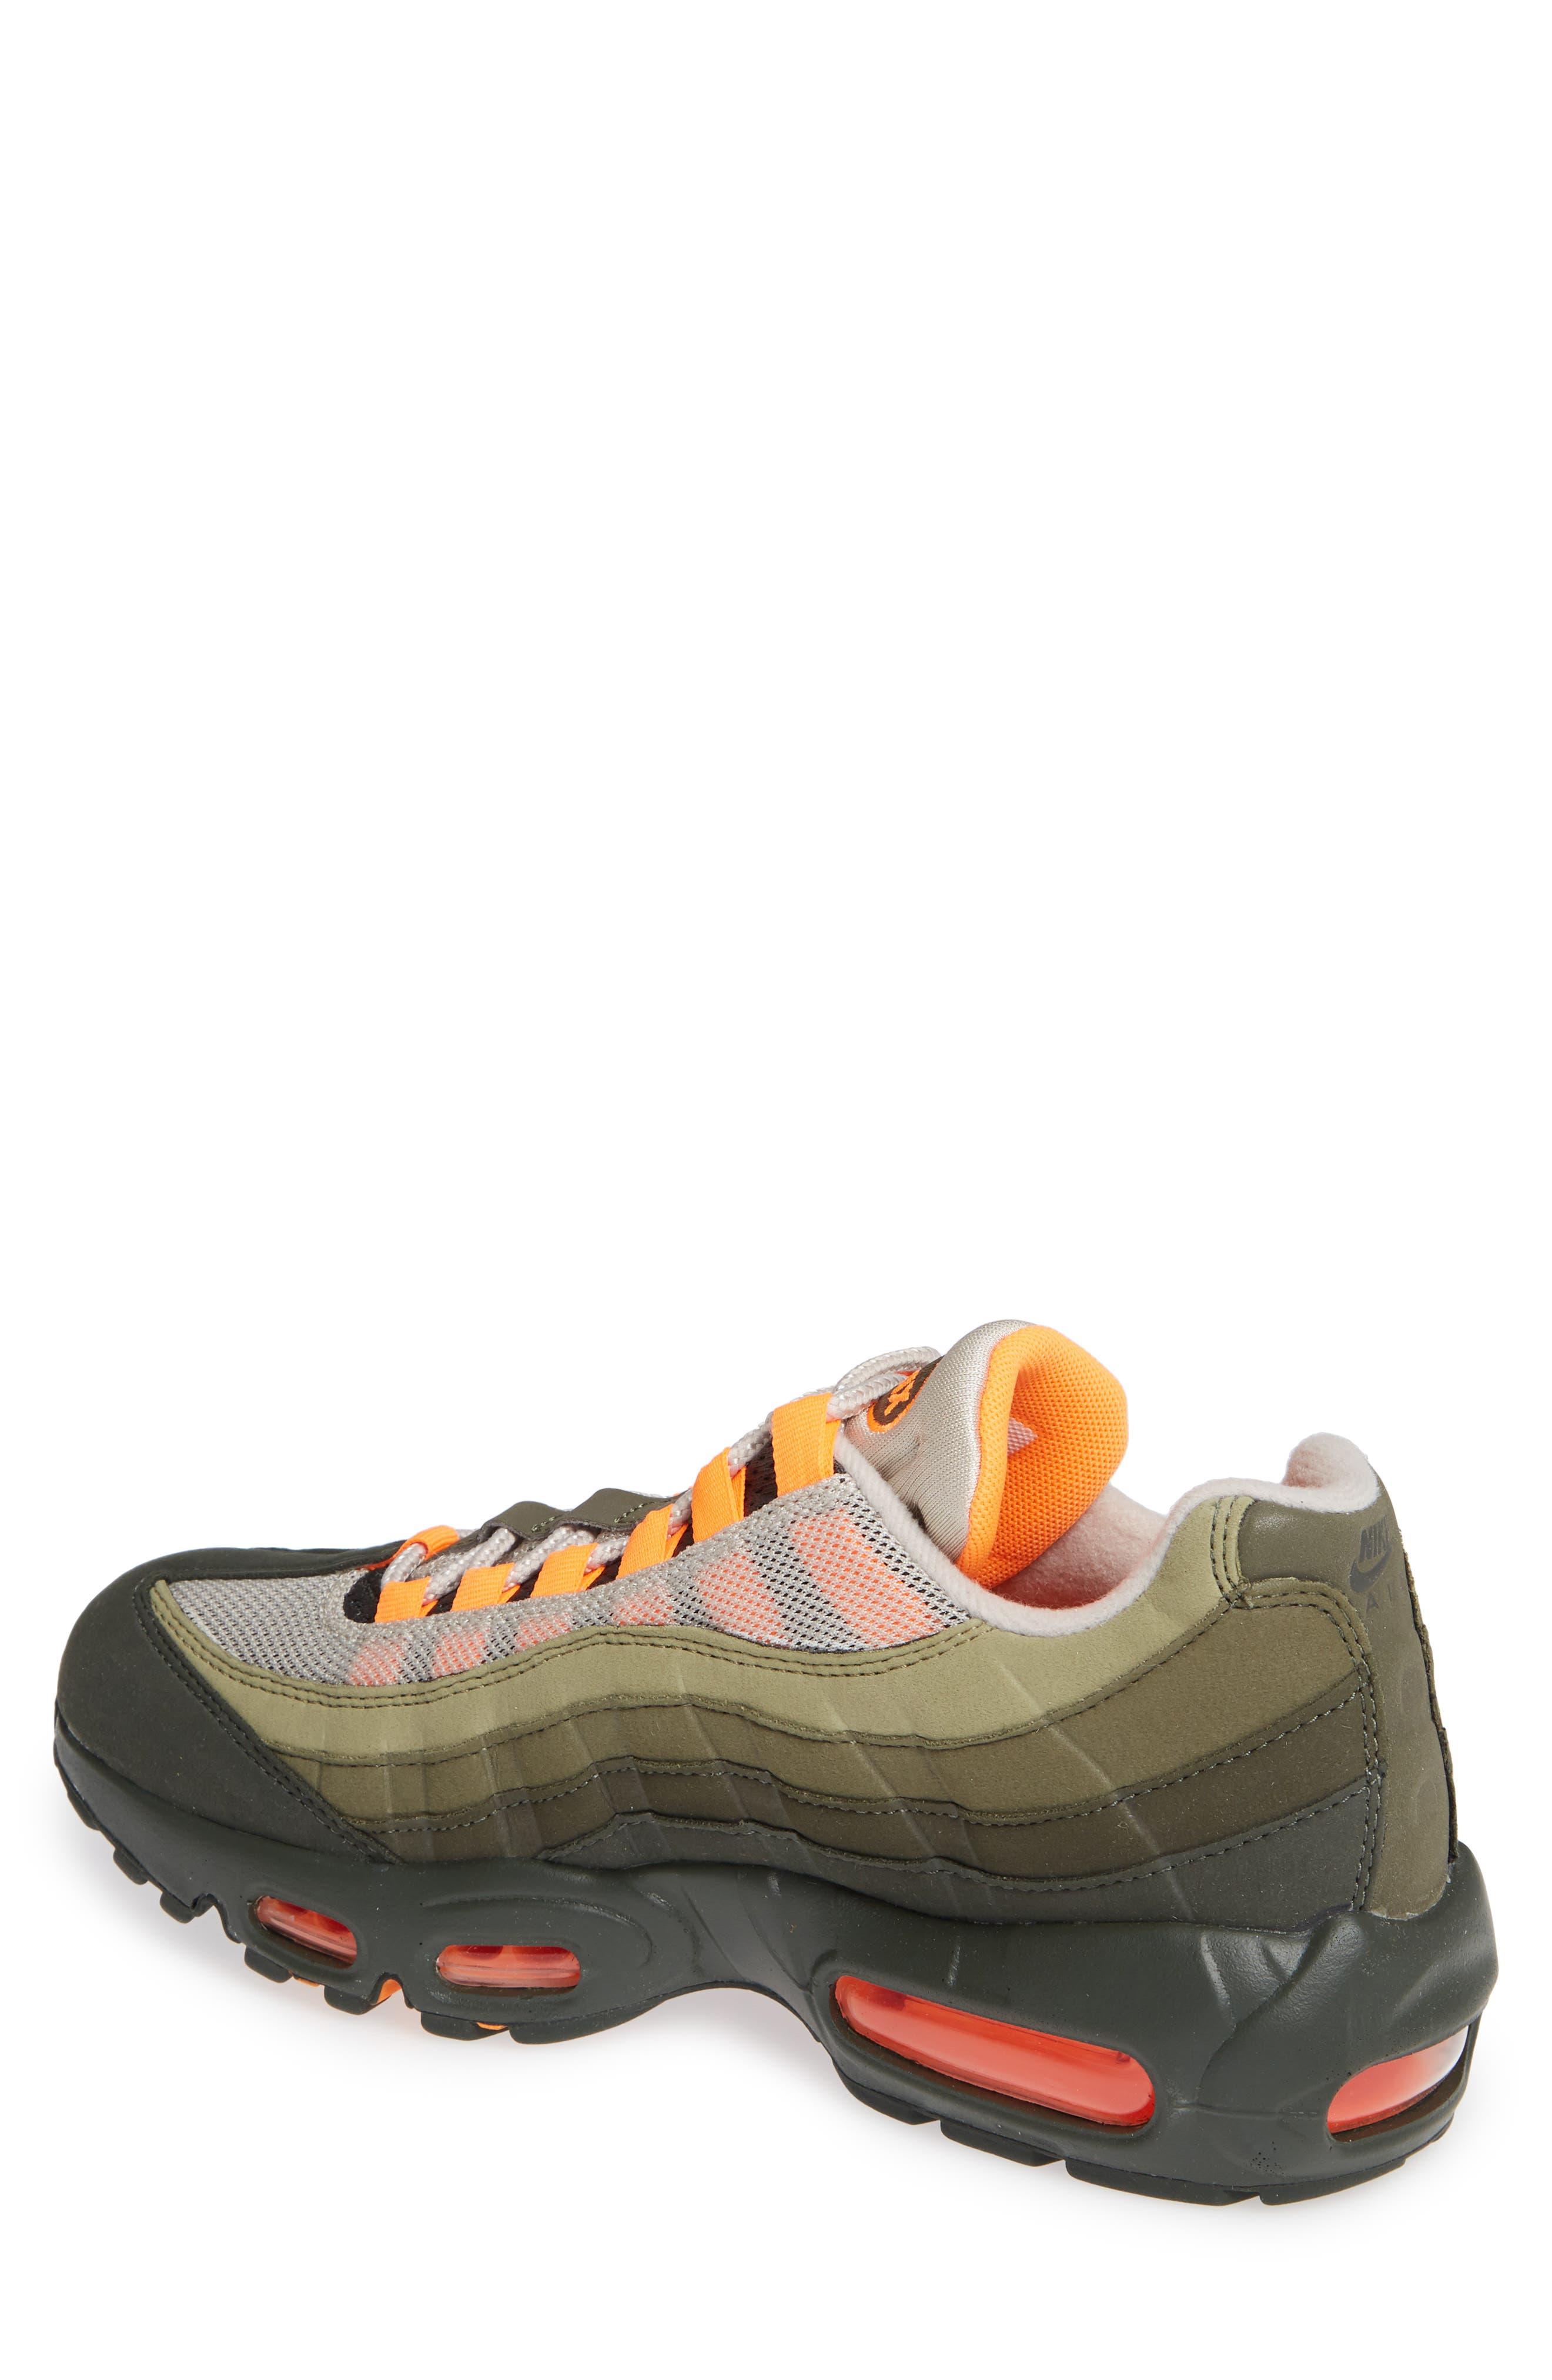 Air Max 95 OG Sneaker,                             Alternate thumbnail 2, color,                             STRING/ TOTAL ORANGE-NEUTRAL